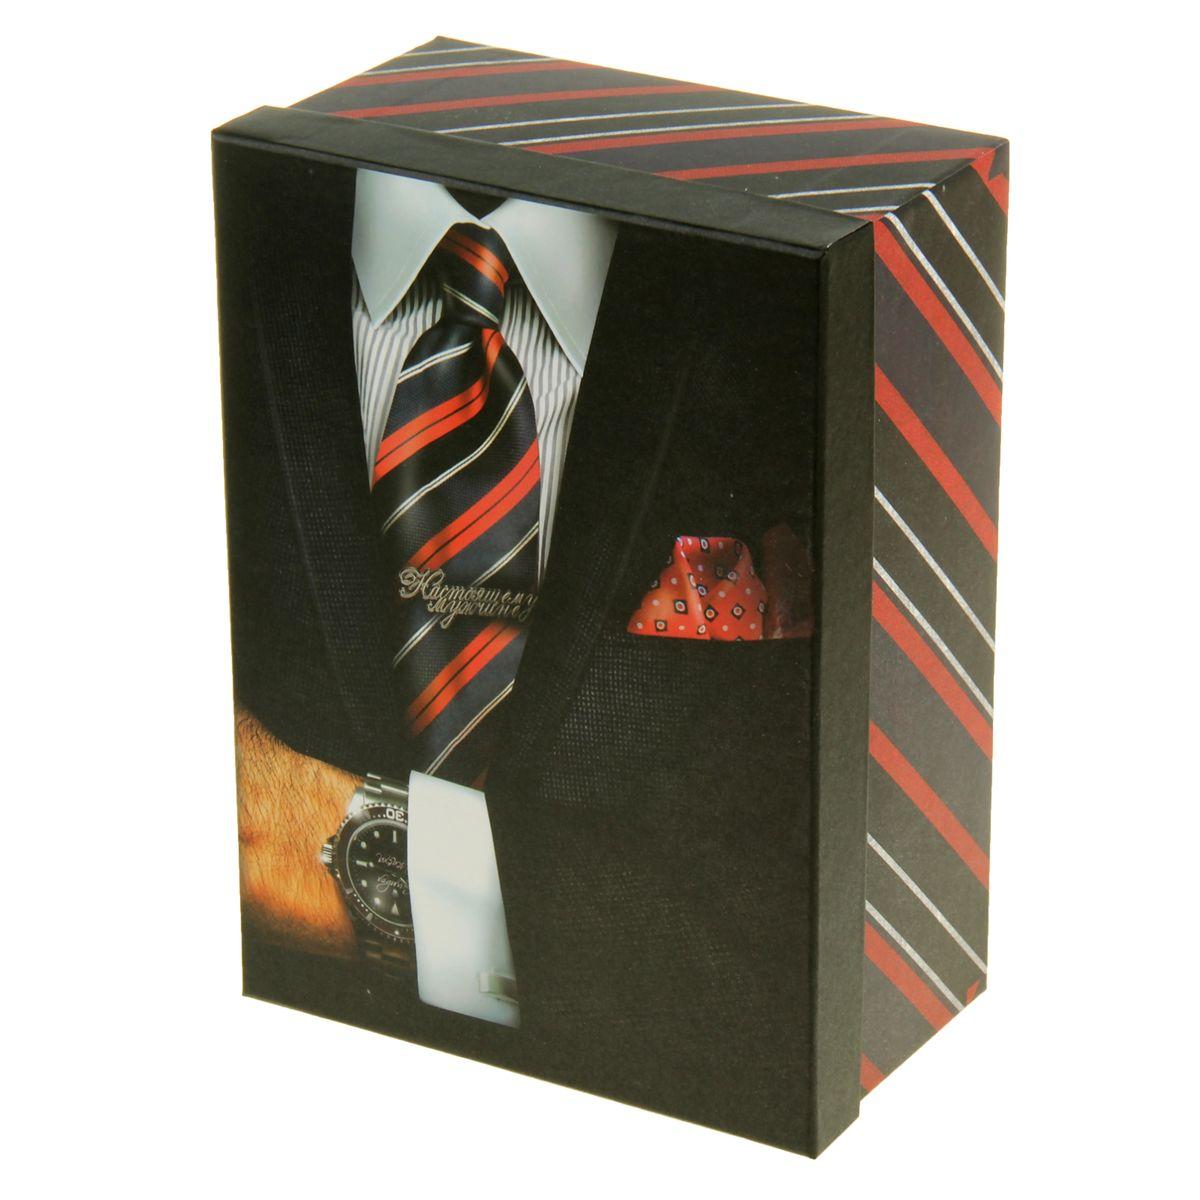 Коробка подарочная Sima-land Мужчина с часами, 25 х 18 х 11 см09840-20.000.00Коробкаподарочная Sima-land Мужчина с часы выполнена из плотного картона. Крышка оформлена ярким изображением часов и надписью Настоящему мужчине.Подарочная коробка - это наилучшее решение, если вы хотите порадовать вашихблизких и создать праздничное настроение, ведь подарок, преподнесенный воригинальной упаковке, всегда будет самым эффектным и запоминающимся.Окружите близких людей вниманием и заботой, вручив презент в нарядном,праздничном оформлении.